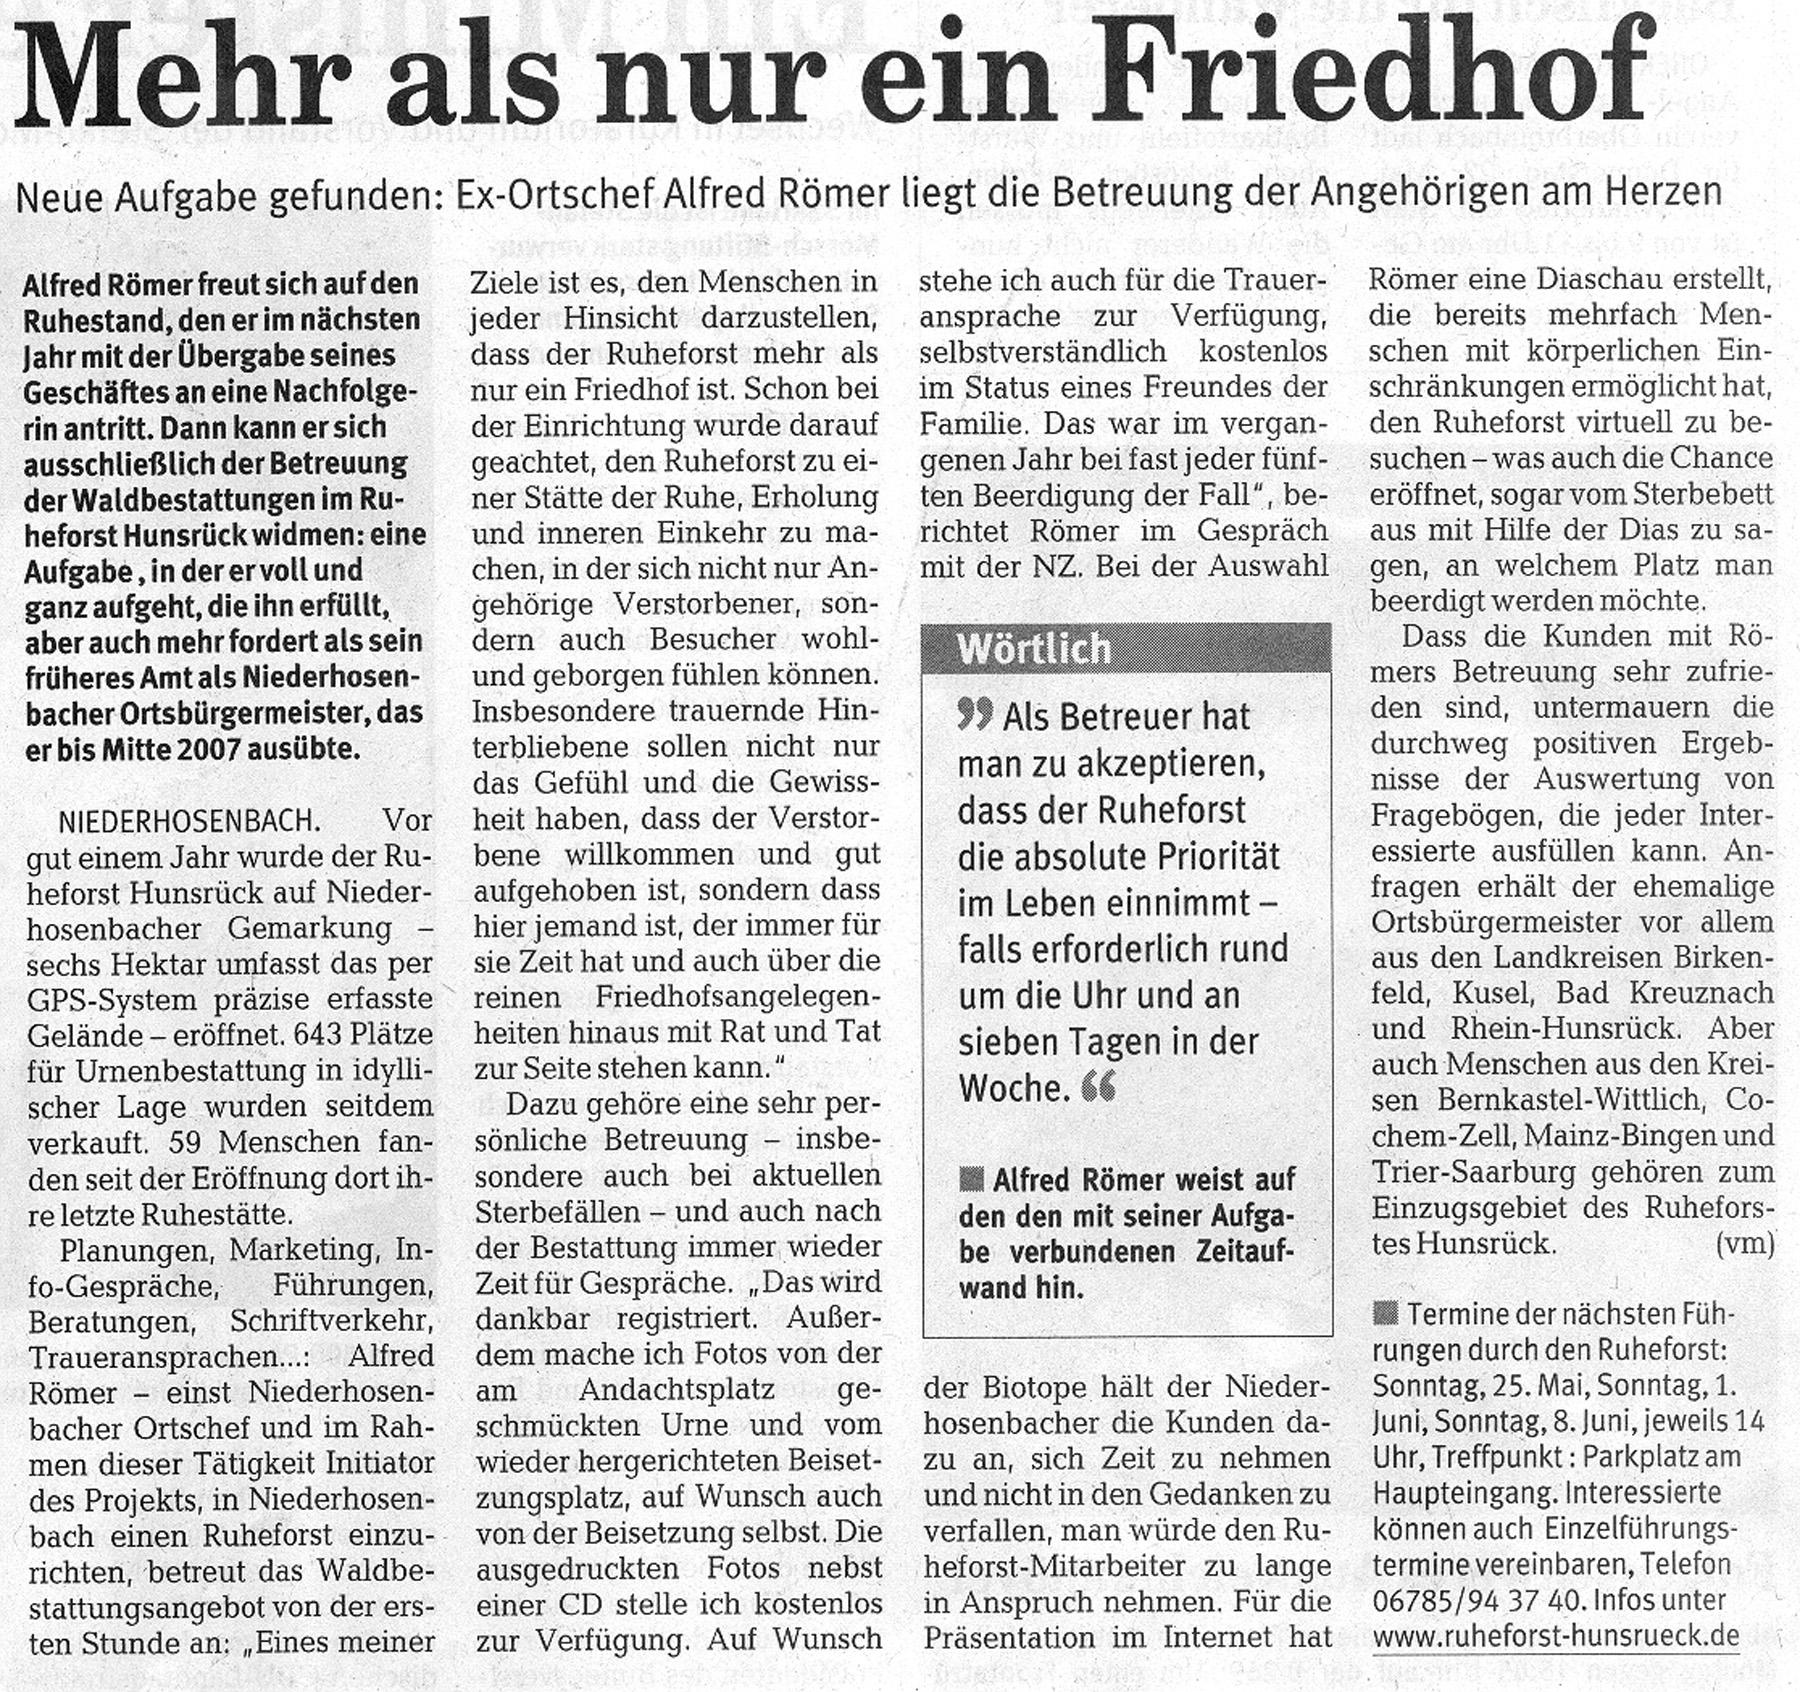 2008.05.21. Nahe-Zeitung (2) - Kopie